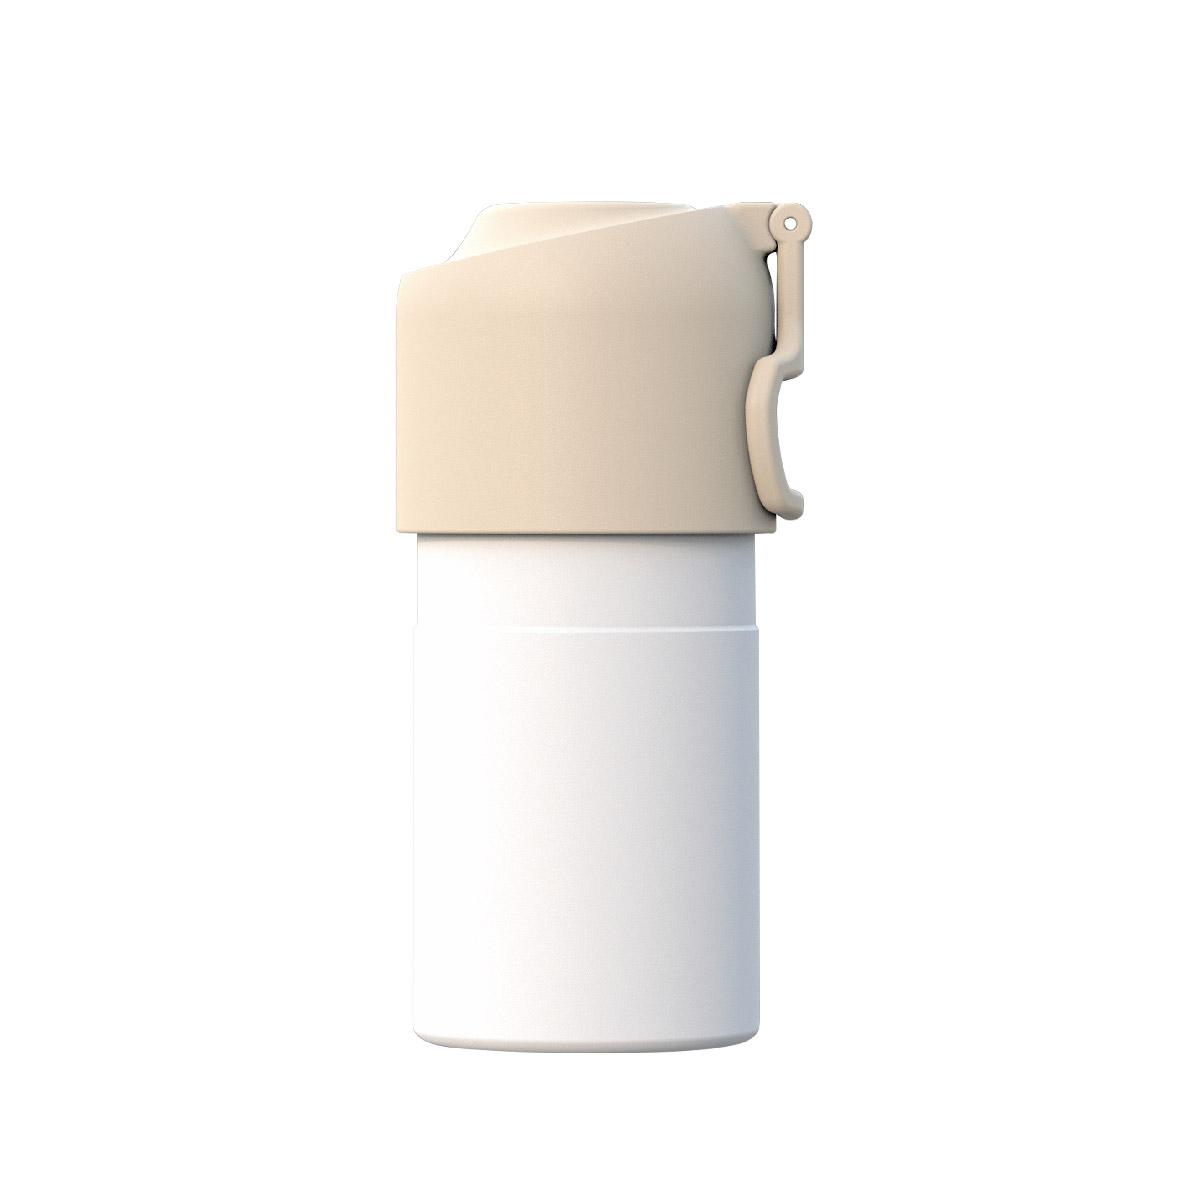 ボトルインボトル TYPE-E アイボリー